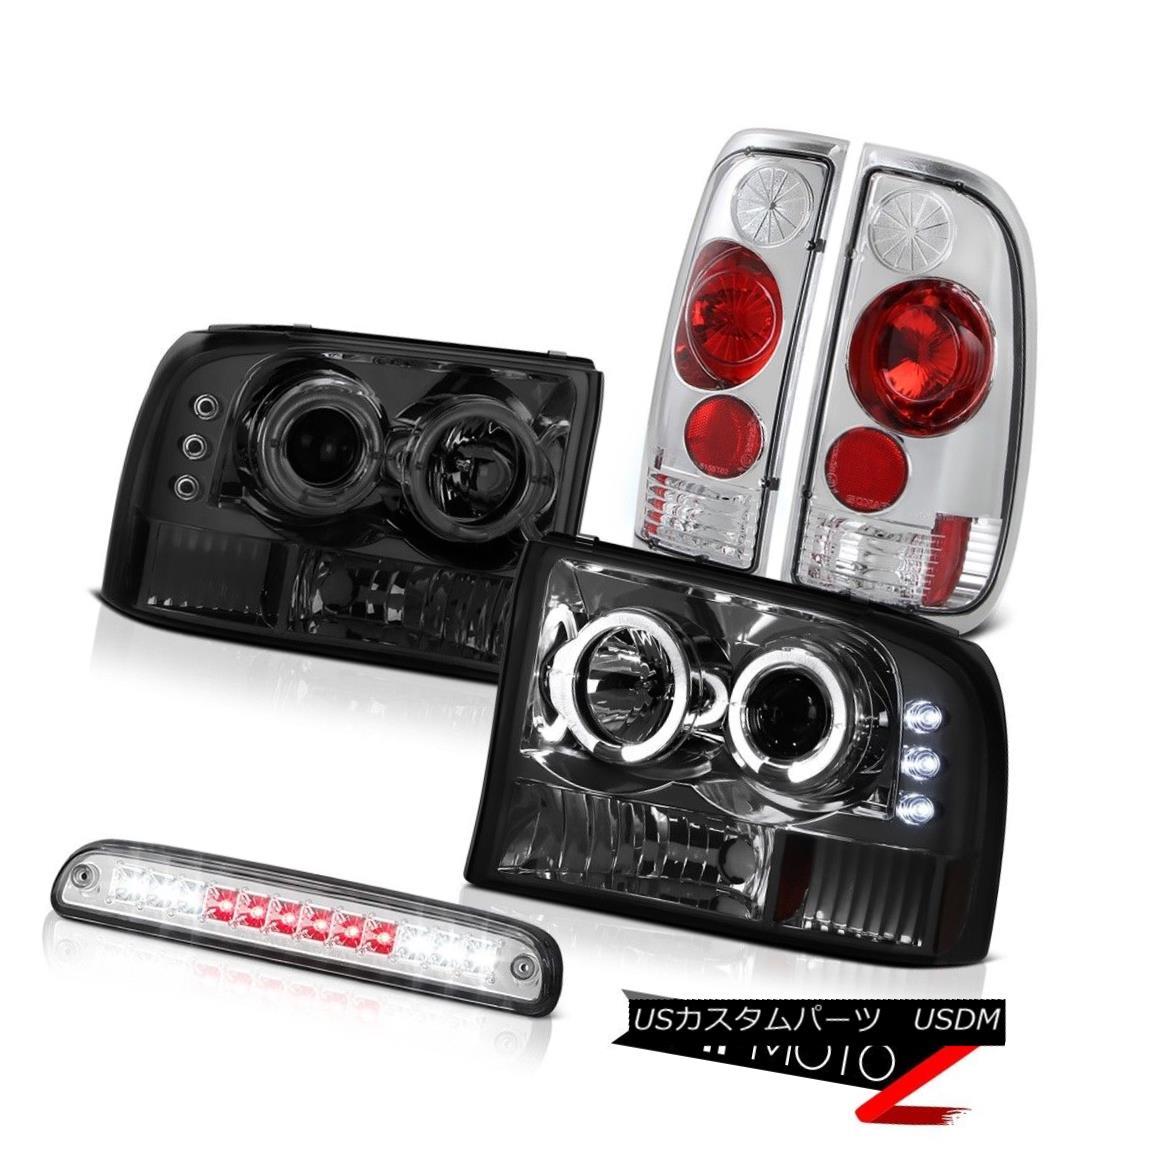 ヘッドライト Dark Projector Headlights LED Clear Tail Light 99 00 01 02 03 04 Ford F250 SD ダークプロジェクターヘッドライトLEDクリアテールライト99 00 01 02 03 04 Ford F250 SD